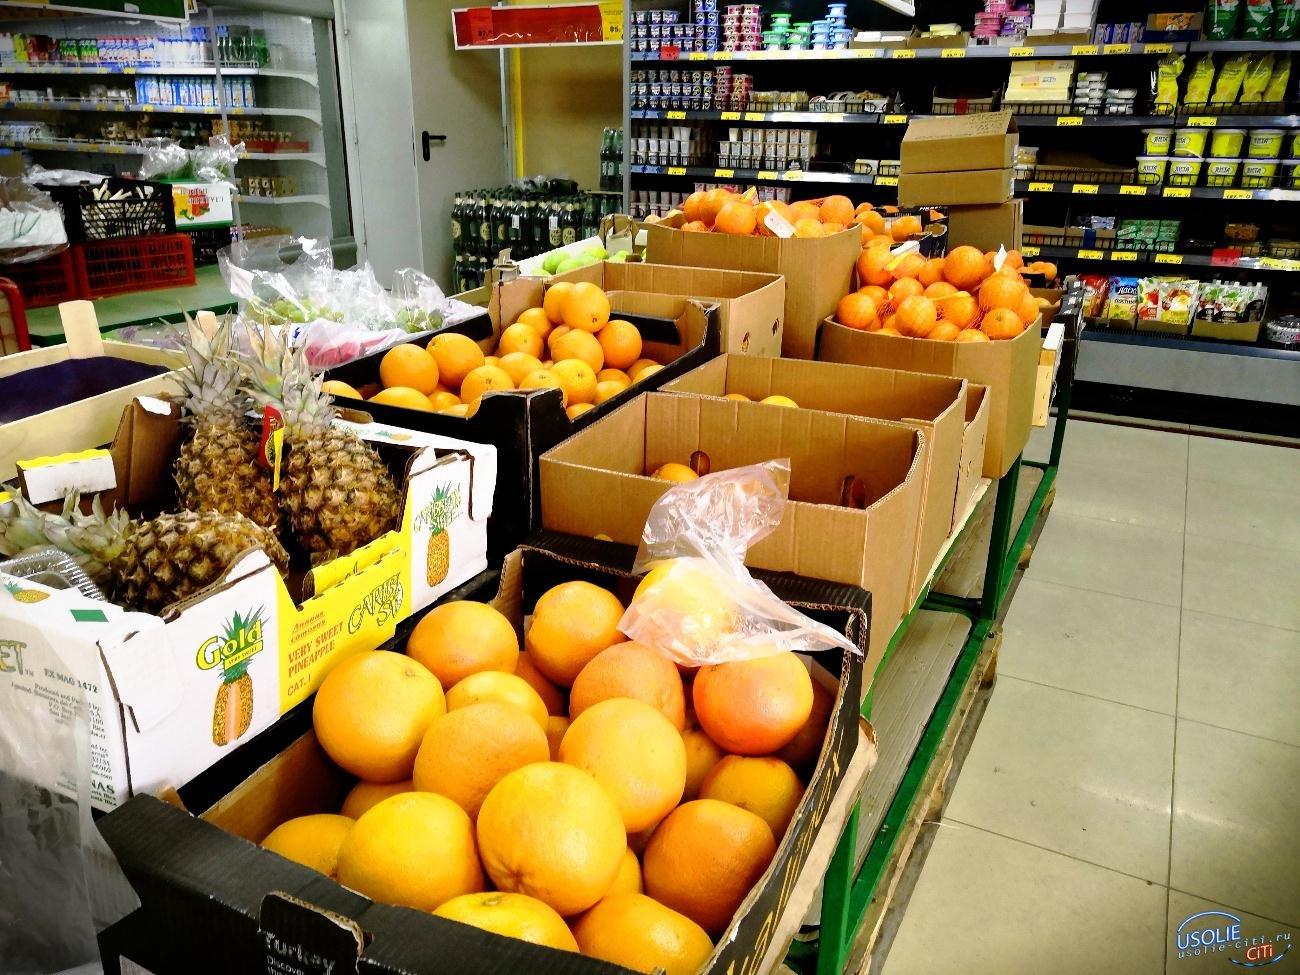 Продовольственная стабильность или скачок цен в Усолье